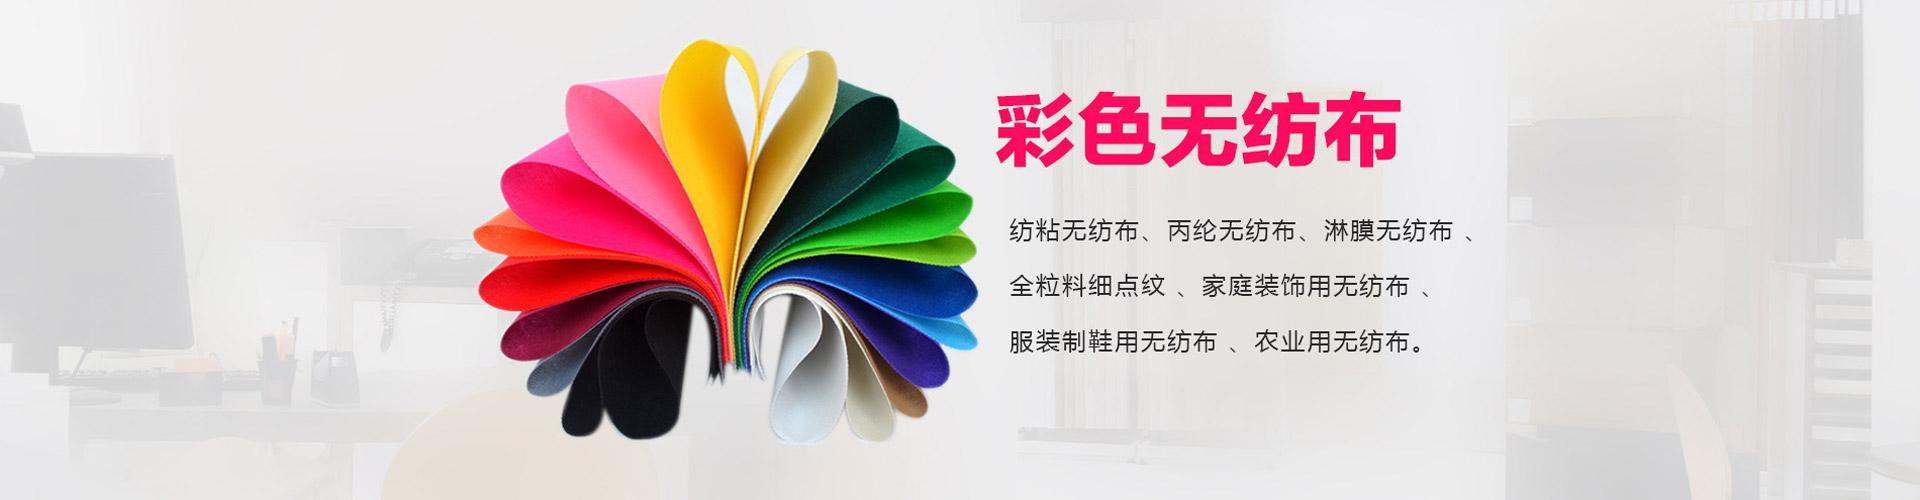 专业生产多达三十余种颜色全新颗粒料彩色无纺布